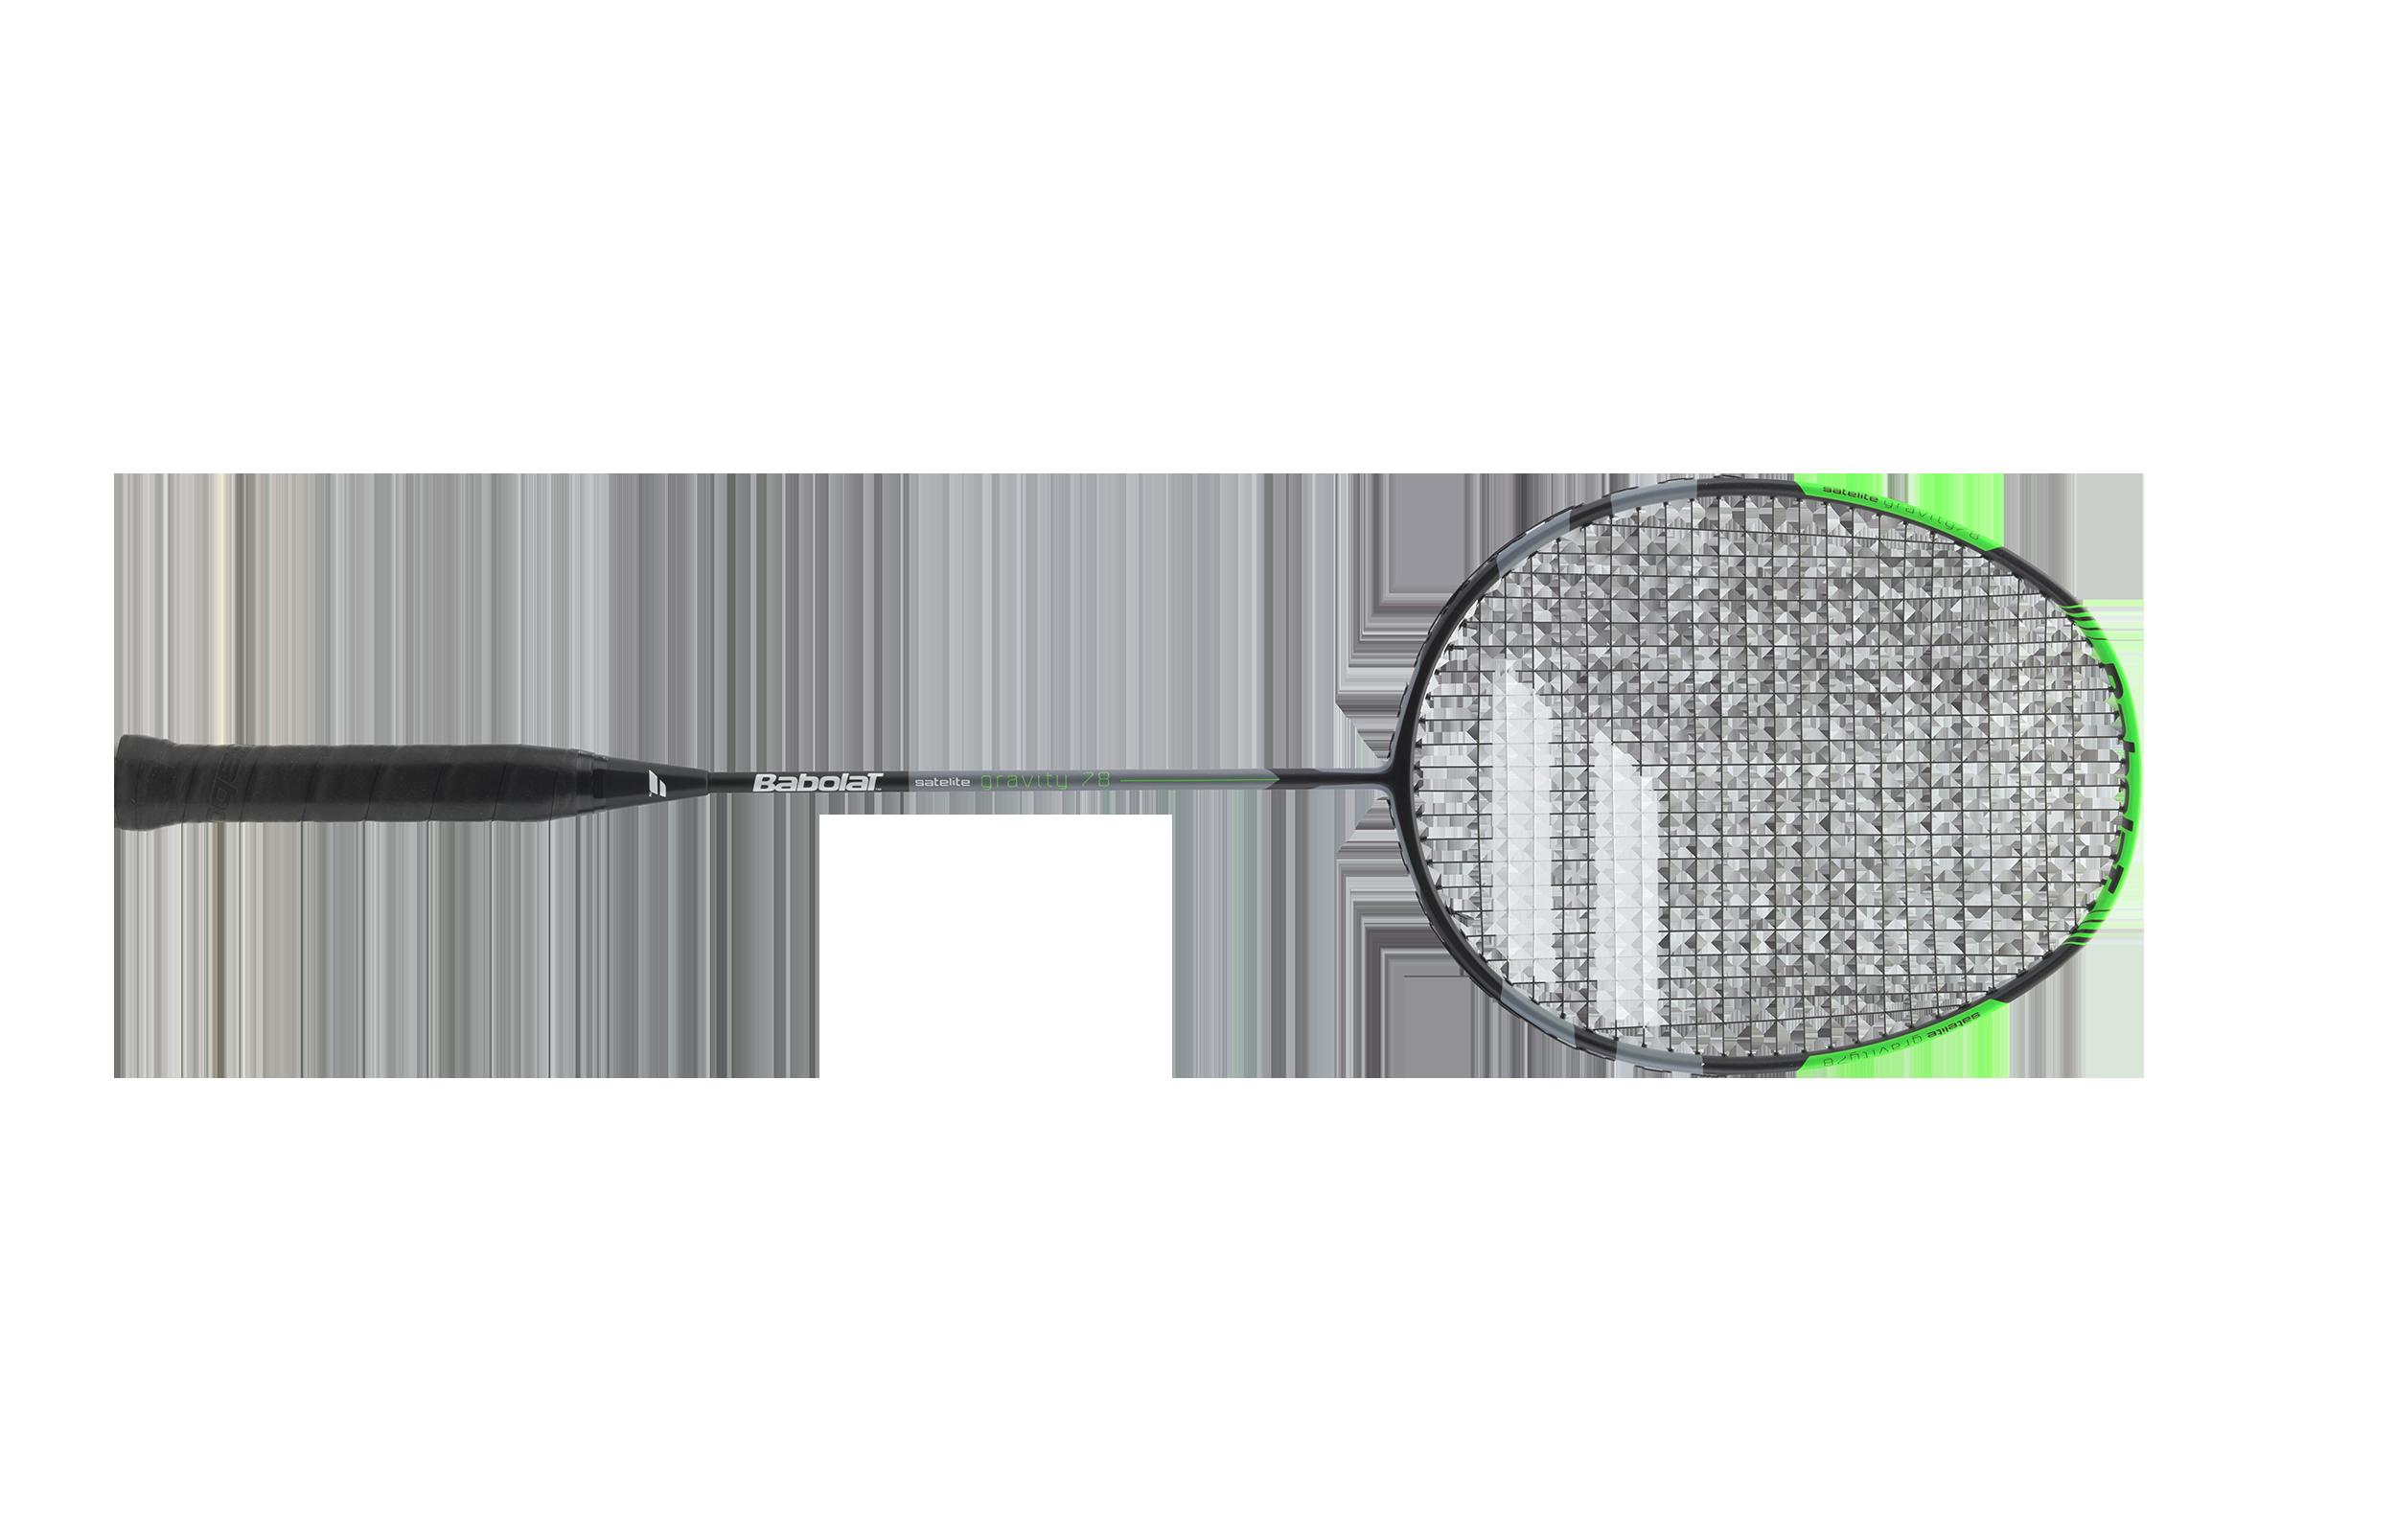 Tennis Rackets And Ball Png Clipart Tennis Tennis Racket Rackets